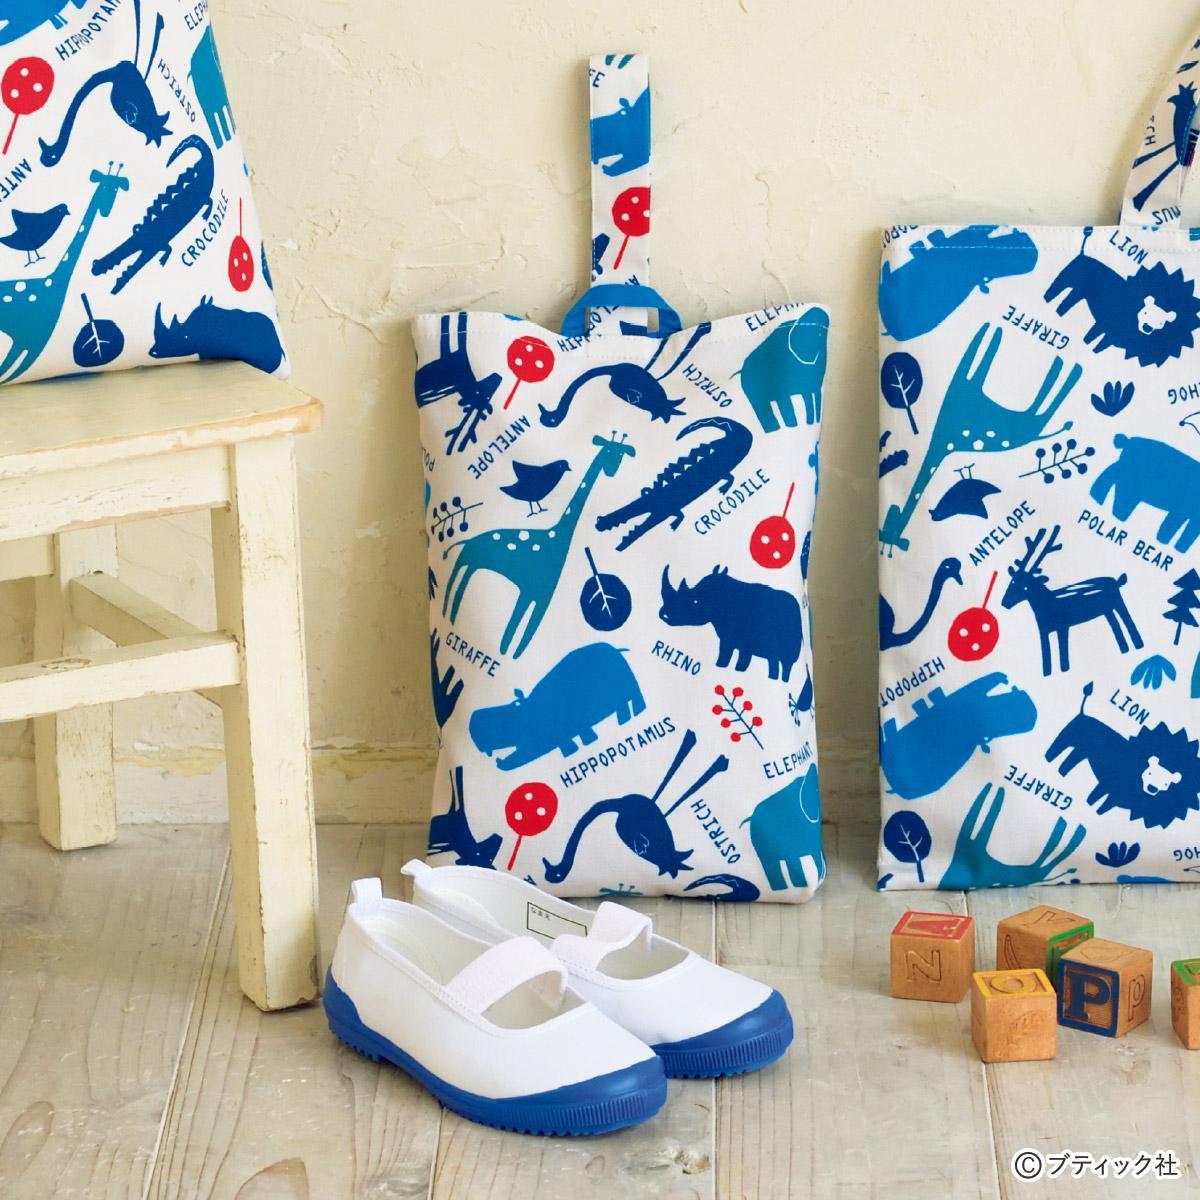 あり 上履き マチ 作り方 あり 入れ 裏地 上履き袋・上履き入れの作り方は?巾着タイプ・裏地ありの靴袋を手作り!